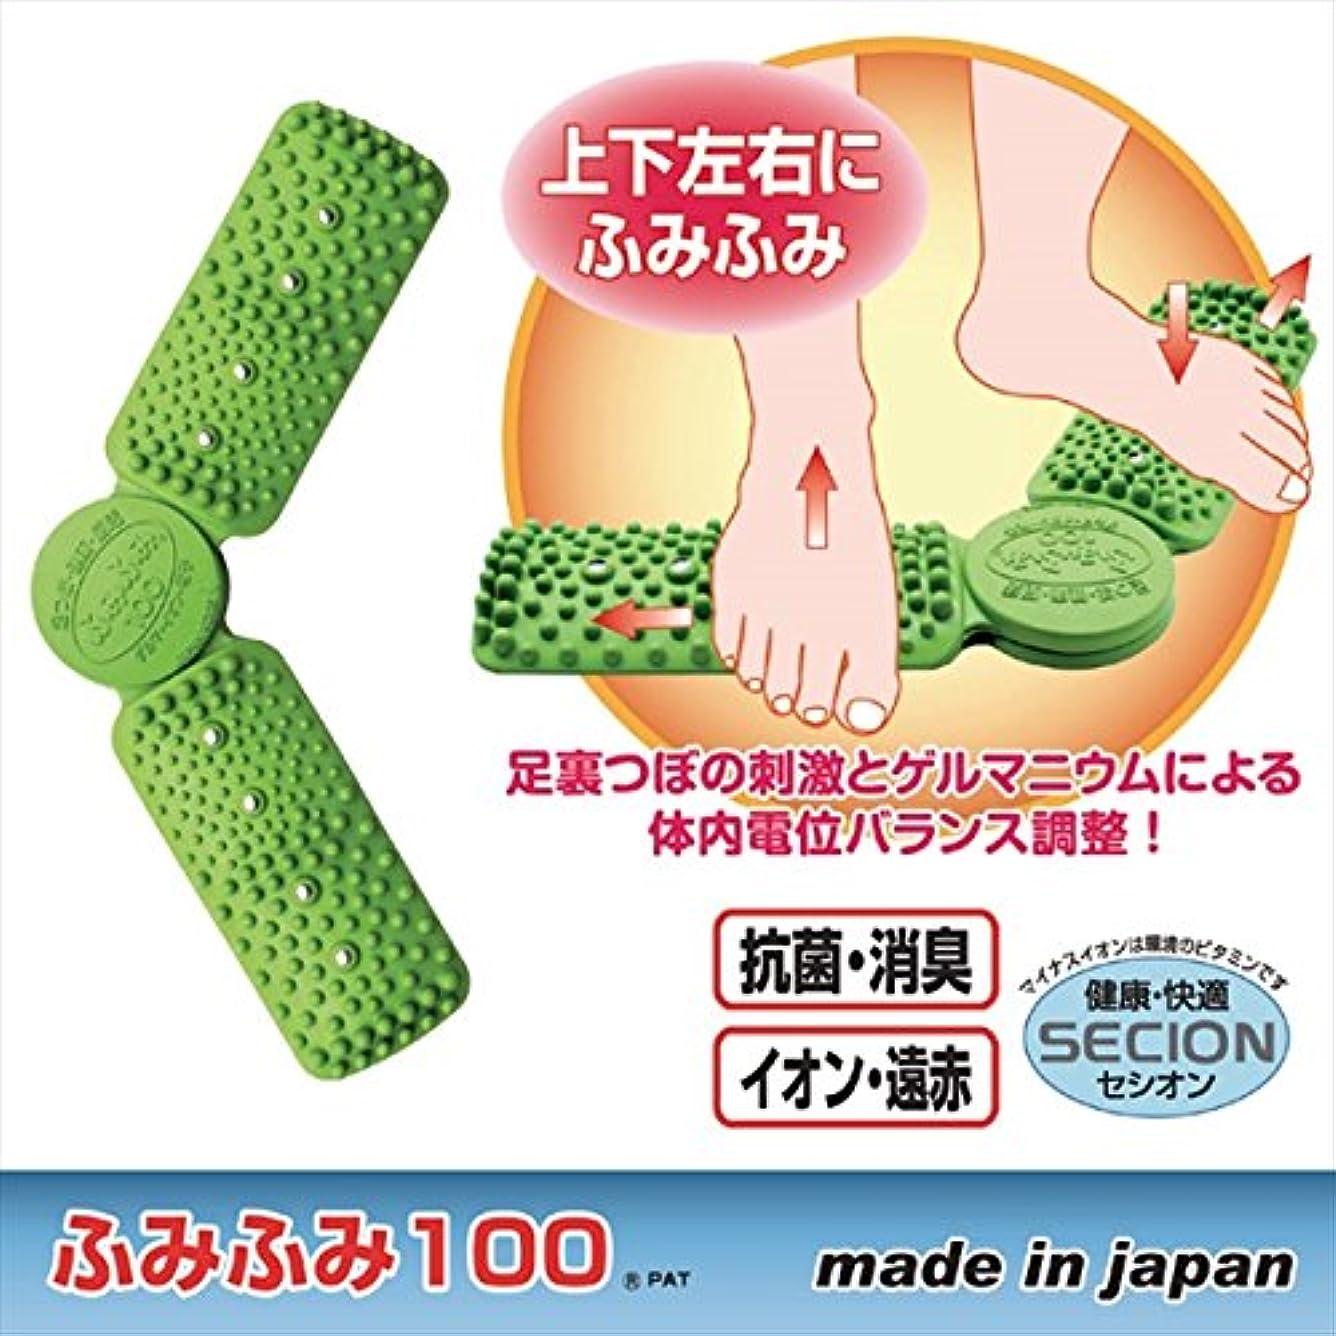 乱暴な発疹支配する後藤:竹踏み運動具 ふみふみ100 809944